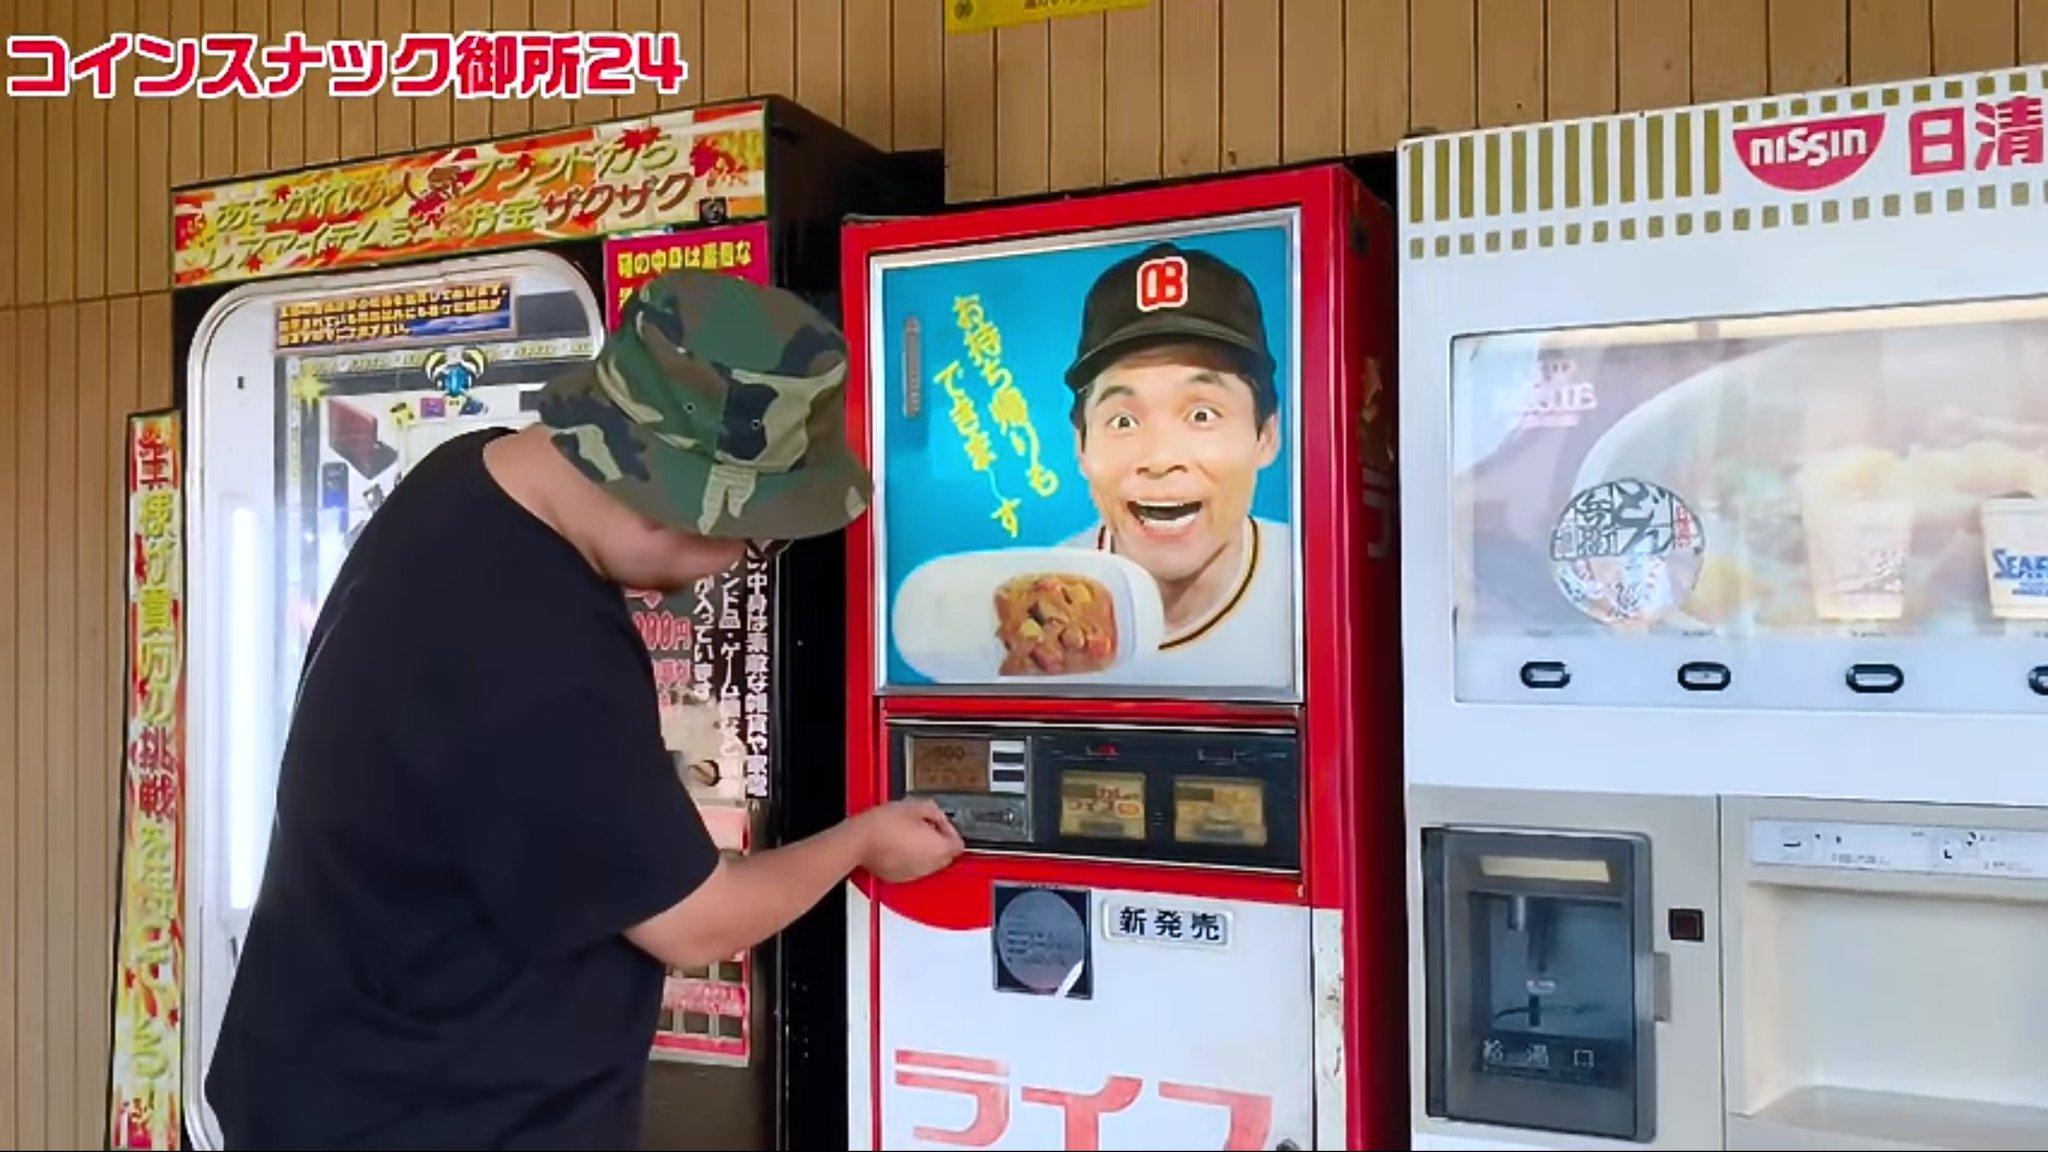 【コインスナック御所24】日本唯一の自販機